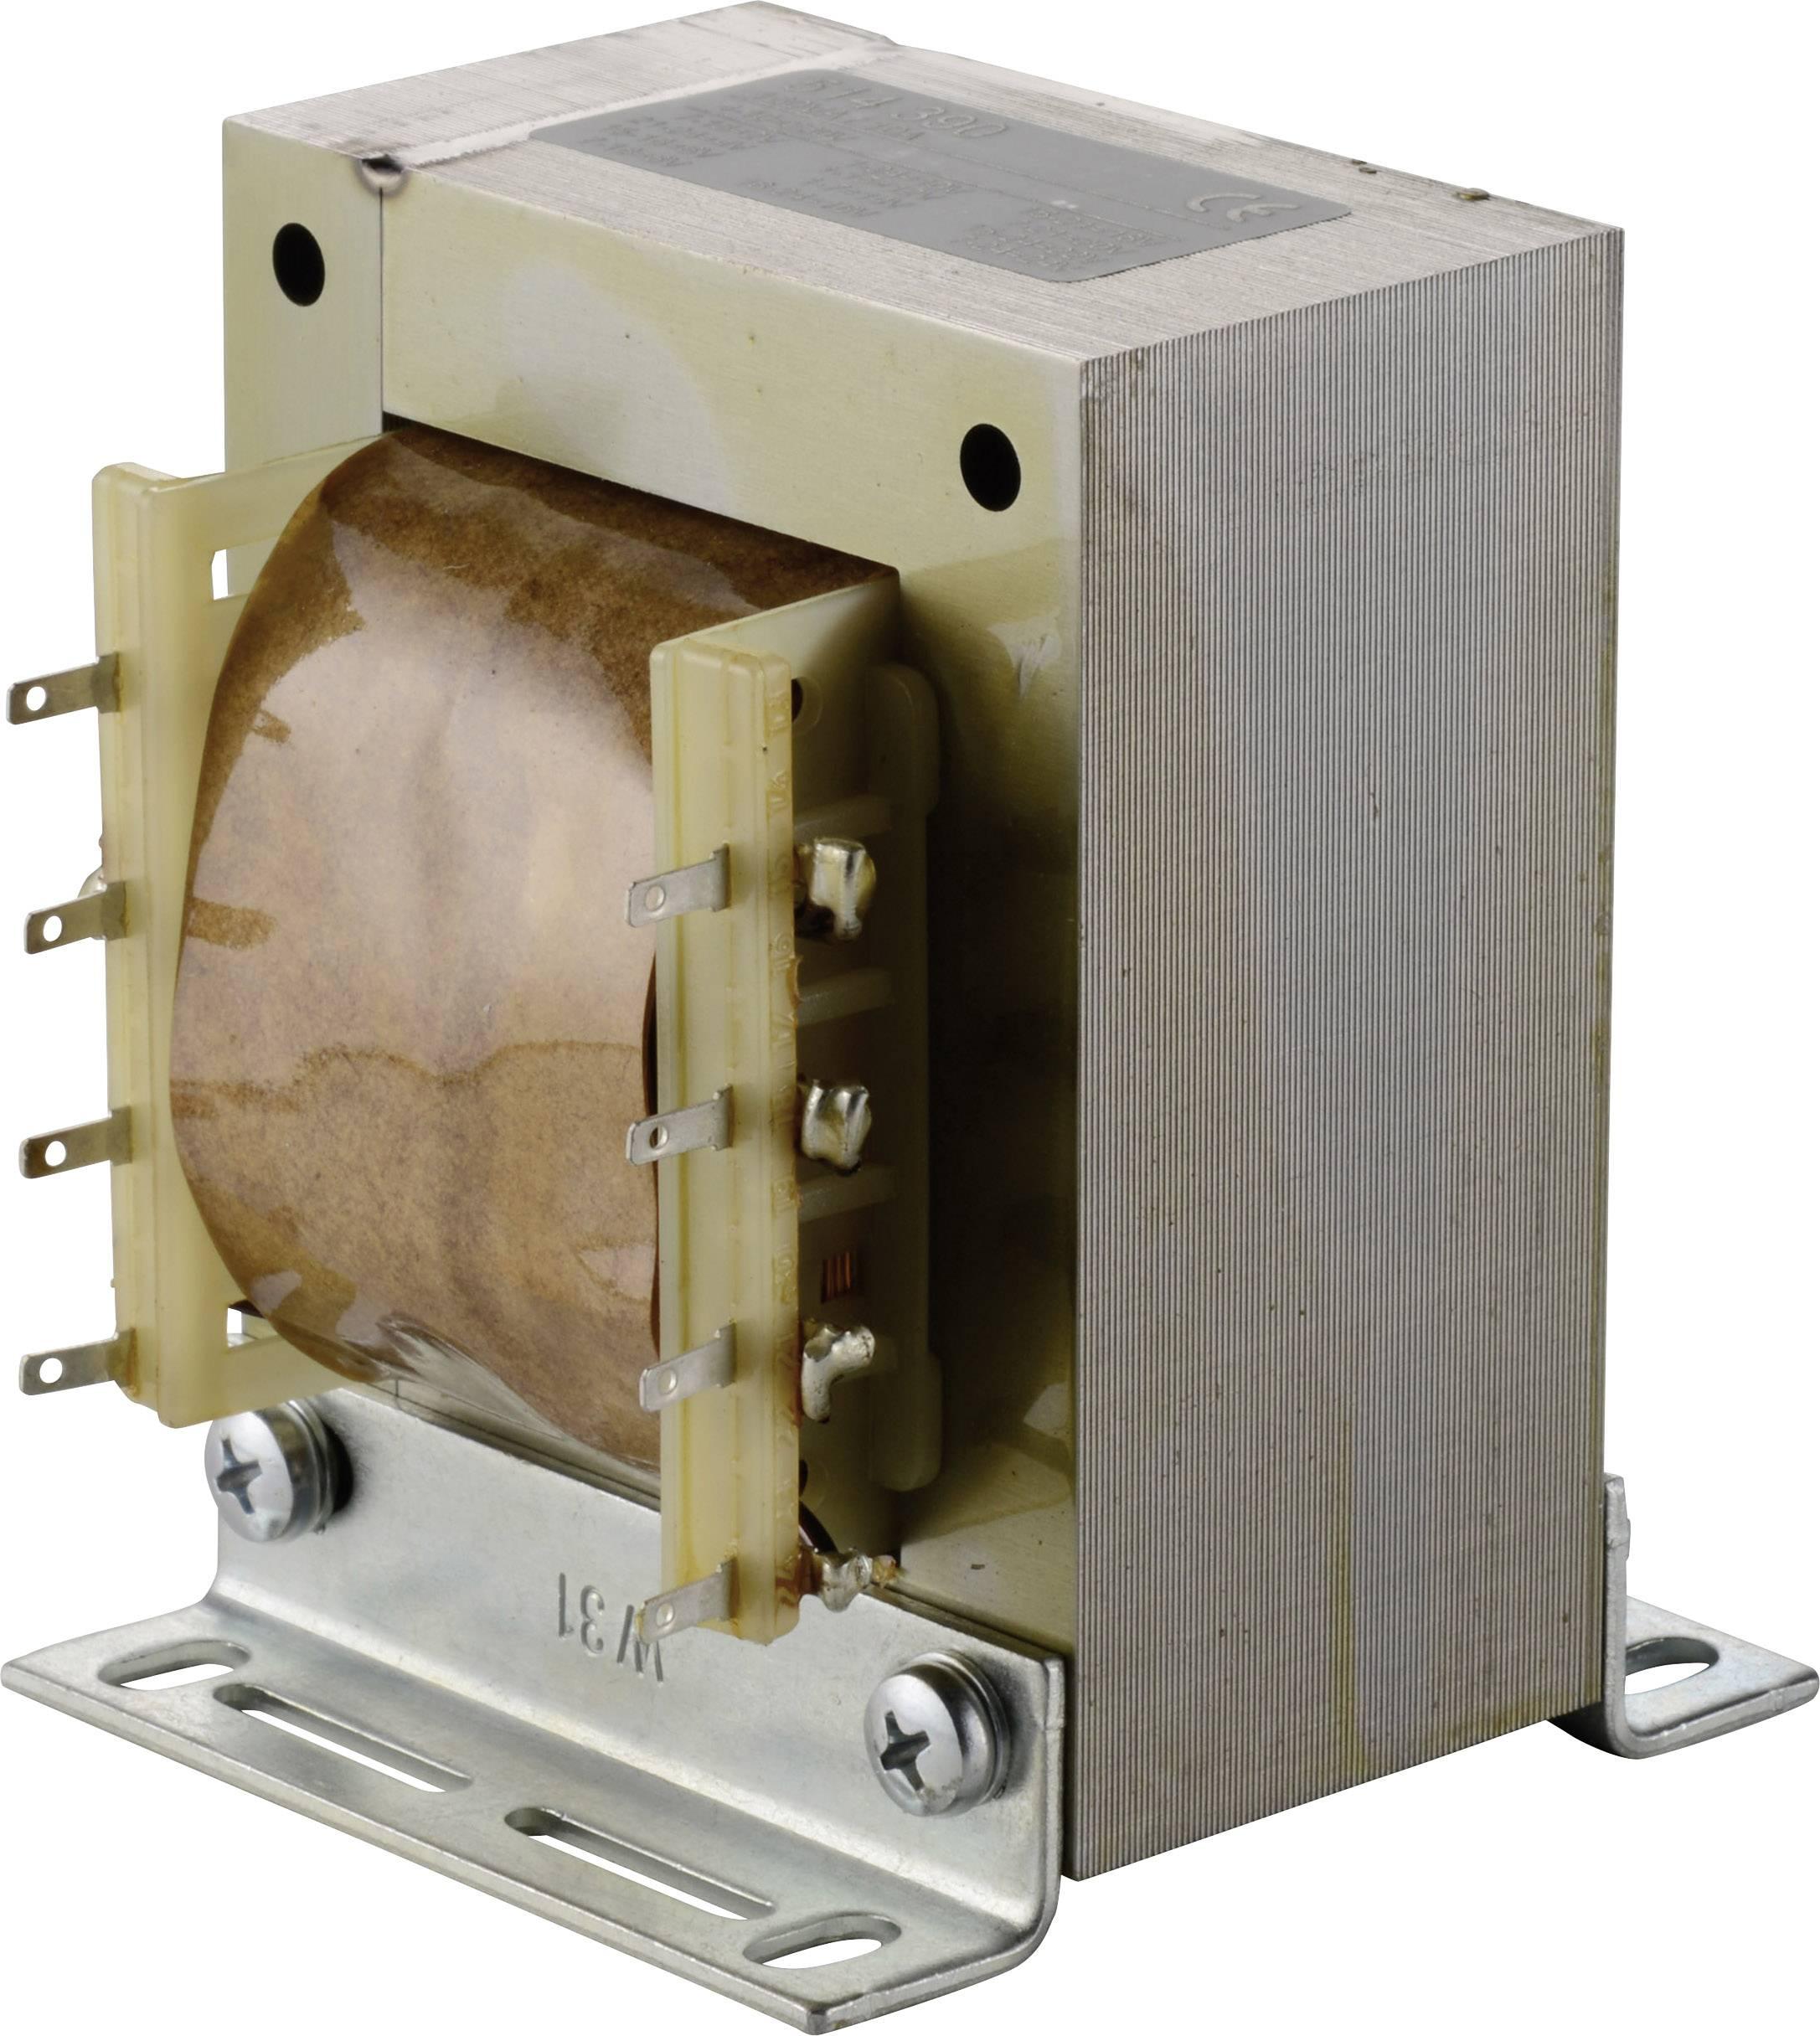 Univerzální síťový transformátor elma TT, max 15 V, 66 VA